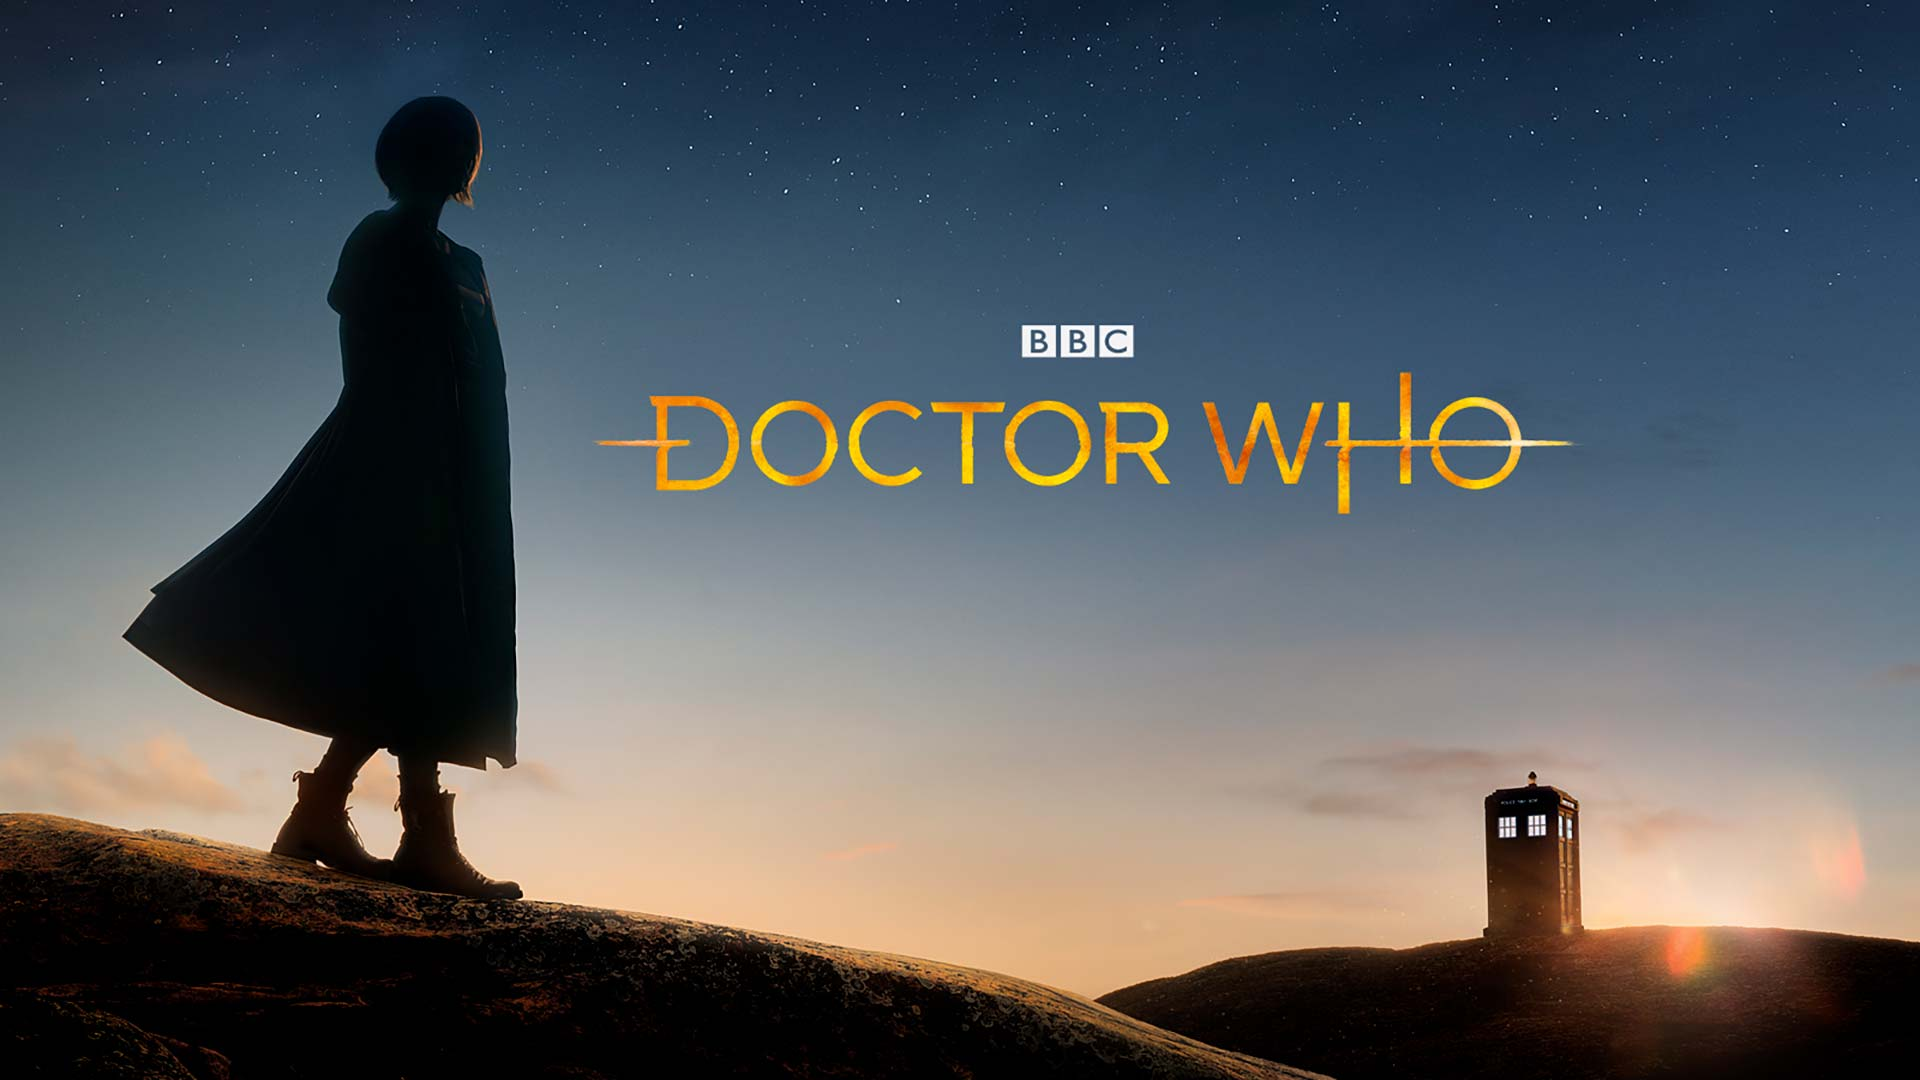 'Doctor Who': Primer avance del regreso de la serie con Jodie Whittaker